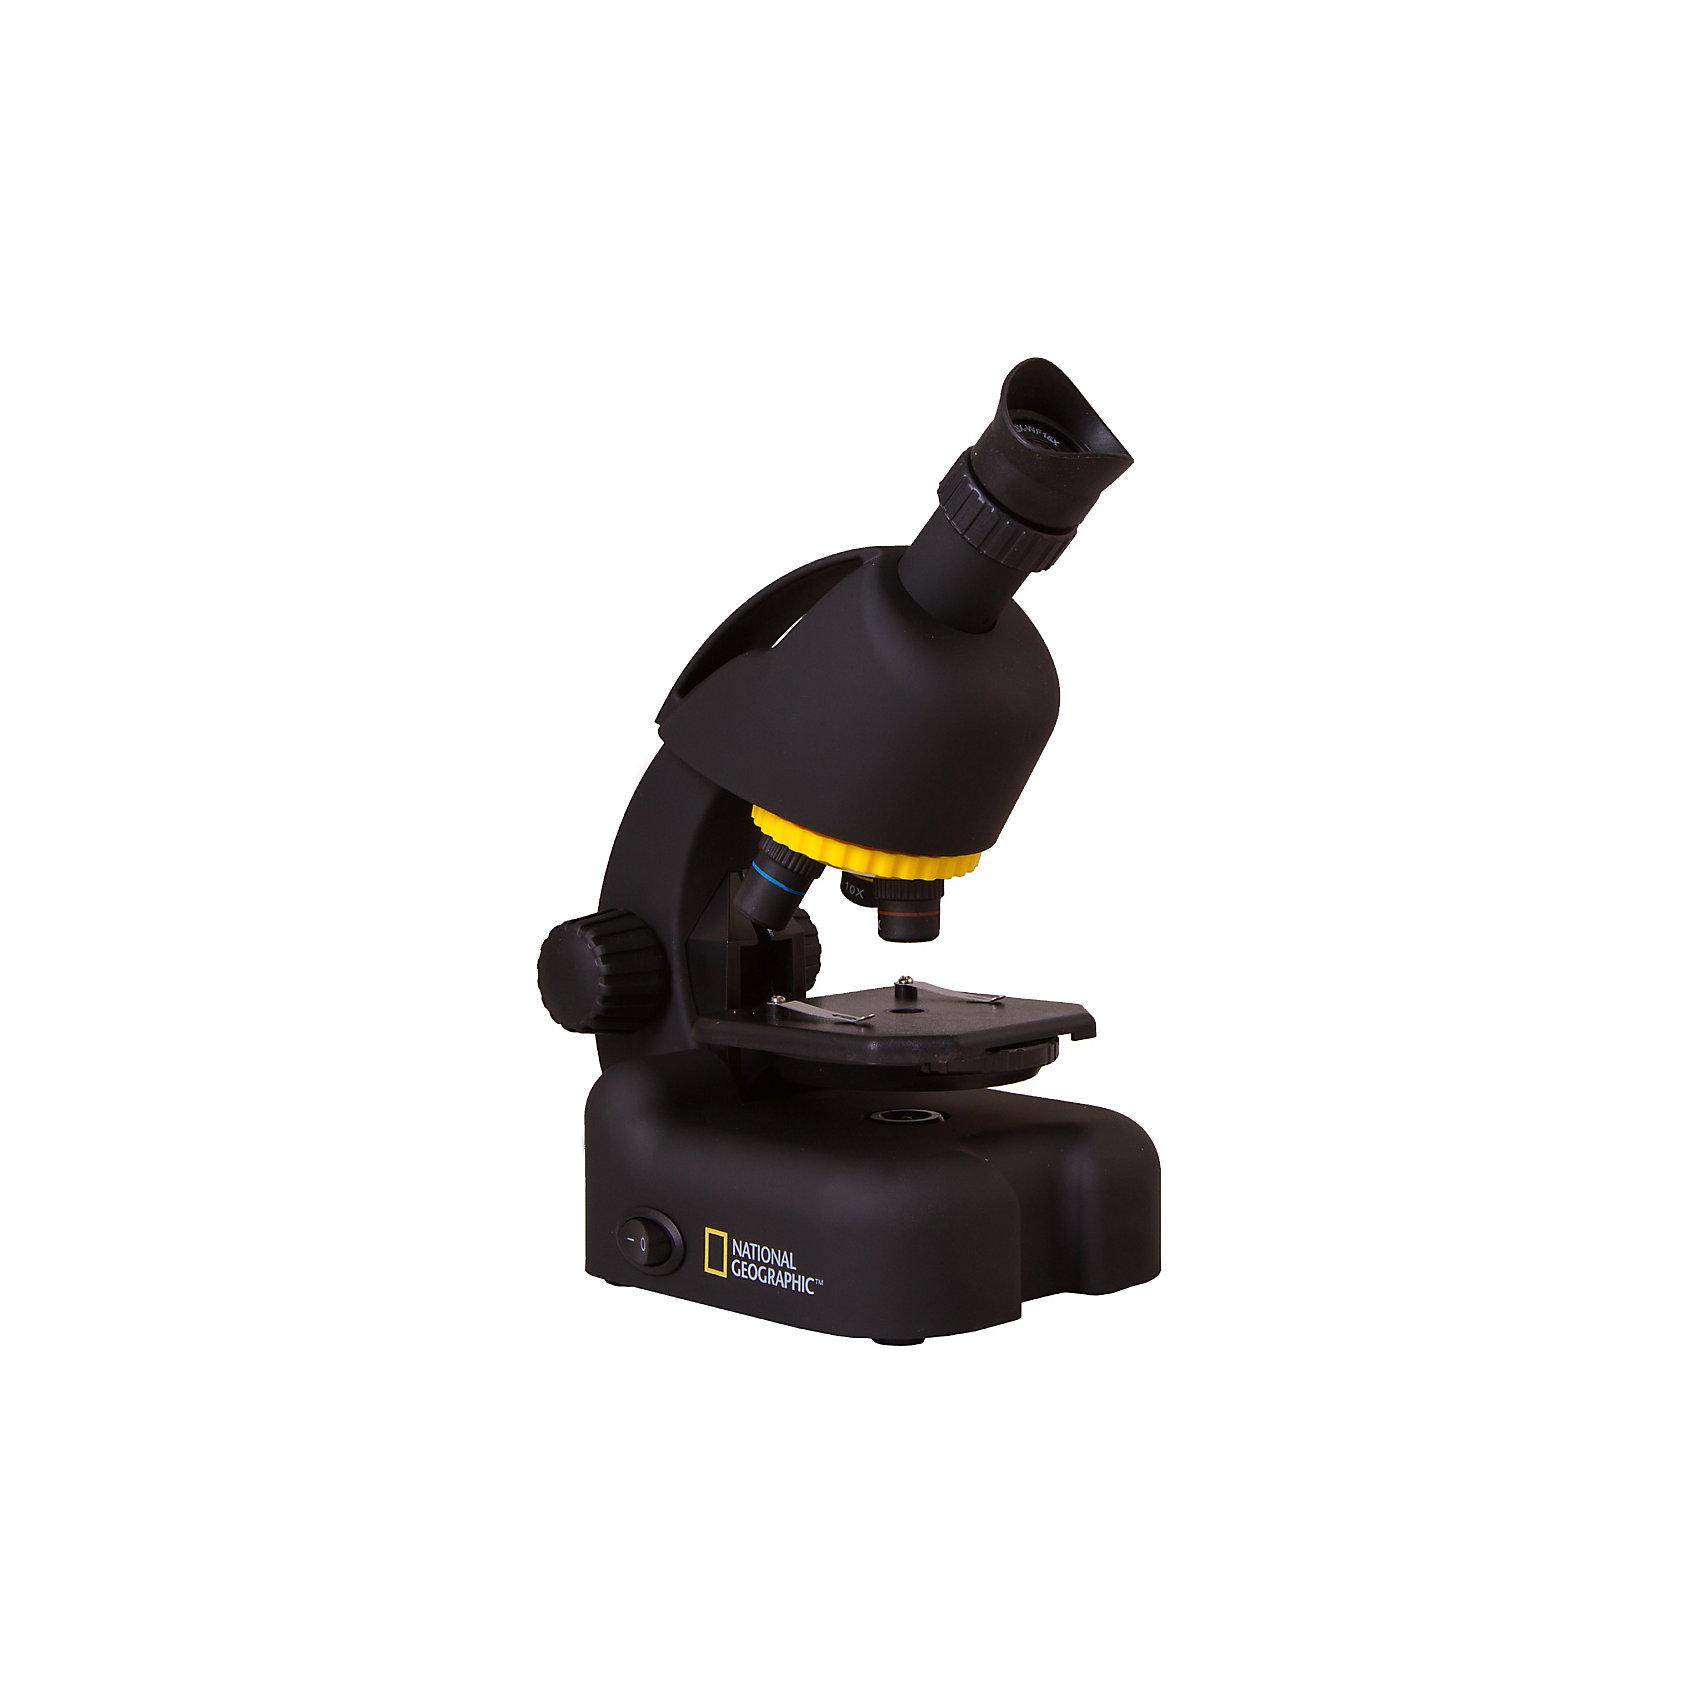 Микроскоп Bresser National Geographic 40–640x, с адаптером для смартфонаМикроскопы<br>Характеристики товара:<br><br>• материал: металл, пластик<br>• увеличение: до 640 крат<br>• объективы: 4х, 10х, 40х<br>• подсветка: светодиодная<br>• подсветка работает от батареек 2хАА<br>• вес: 0,92 кг<br>• размер: 22х16х11 см<br>• комплектация: микроскоп, окуляр WF10x–WF16, объективы, набор для опытов, готовые препараты<br>• страна бренда: Германия<br><br>В этом наборе есть всё необходимое, чтобы приступить к опытам немедленно! Собственный микроскоп - это отличный способ заинтересовать ребенка наукой и привить ему интерес к учебе. Эта модель микроскопа была разработана специально для детей - он позволяет увеличивать препарат в 640 крат, с помощью этого дети могут исследовать состав и структуру разнообразных предметов, веществ и организмов. Благодаря стильному дизайну этот микроскоп отлично вписывается в интерьер!<br><br>Оптические приборы от немецкой компании Bresser уже успели зарекомендовать себя как качественная и надежная продукция. Для их производства используются только безопасные и проверенные материалы. Такой прибор способен прослужить долго. Подарите ребенку интересную и полезную вещь!<br><br>Микроскоп Bresser National Geographic 40–640x, с адаптером для смартфона от известного бренда Bresser (Брессер) можно купить в нашем интернет-магазине.<br><br>Ширина мм: 280<br>Глубина мм: 170<br>Высота мм: 155<br>Вес г: 920<br>Возраст от месяцев: 60<br>Возраст до месяцев: 2147483647<br>Пол: Унисекс<br>Возраст: Детский<br>SKU: 5435306